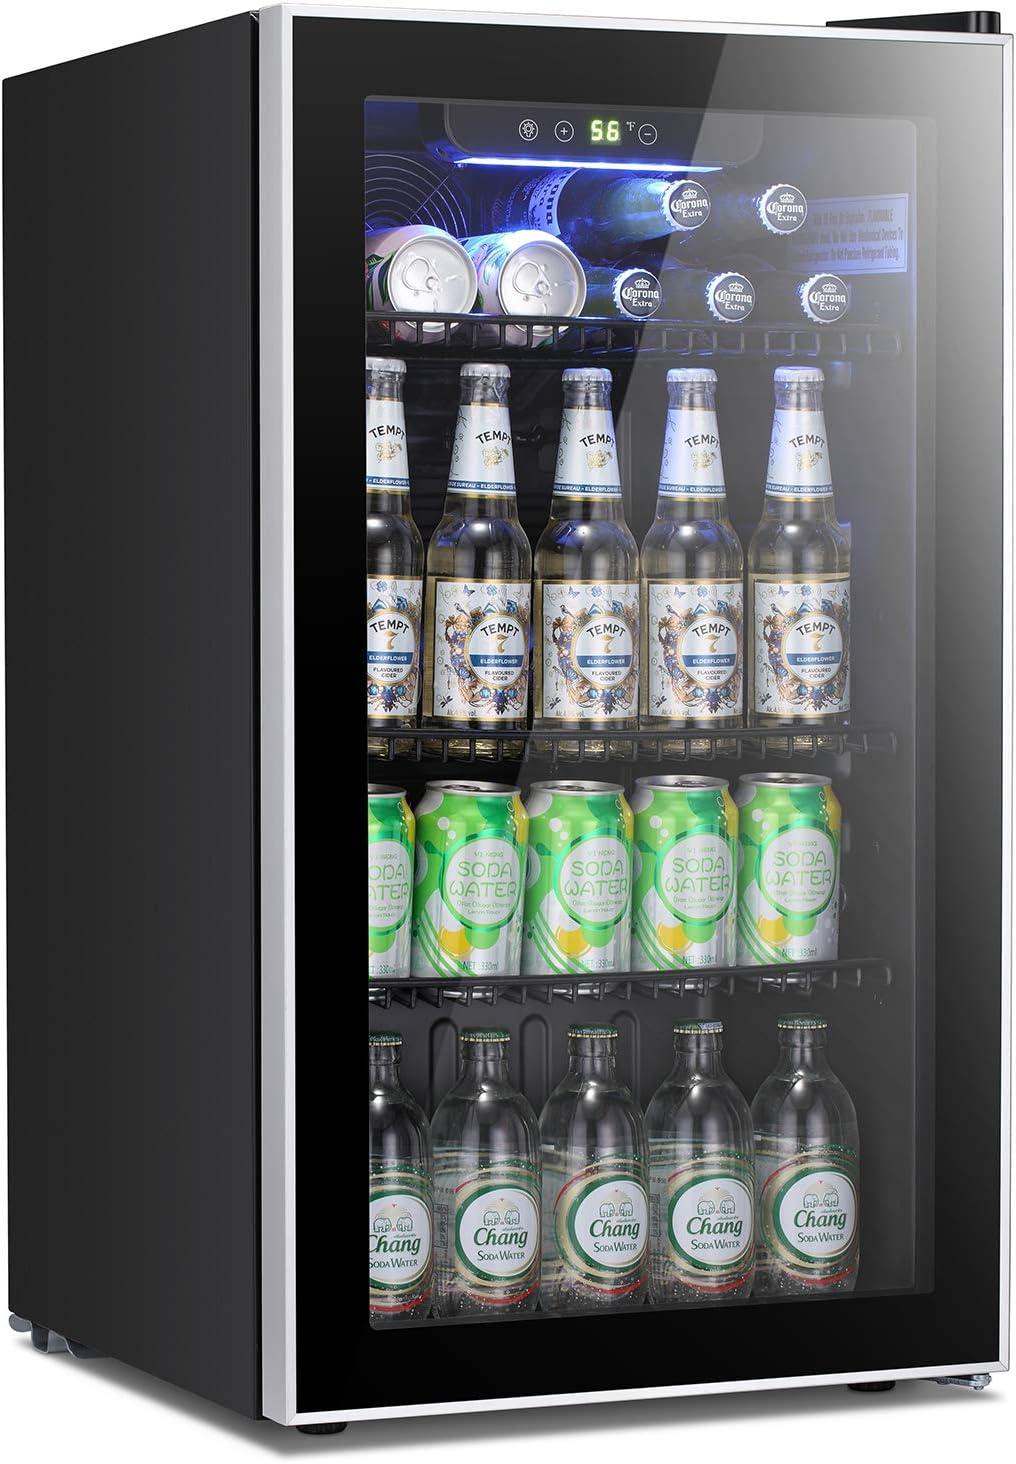 Antarctic Star Beverage Refrigerator Cooler -120 Can Mini Fridge Glass Door for Soda Beer or Wine Constant Glass Door Small Drink Dispenser Clear Front Door for Home, Office Bar 3.2cu.ft